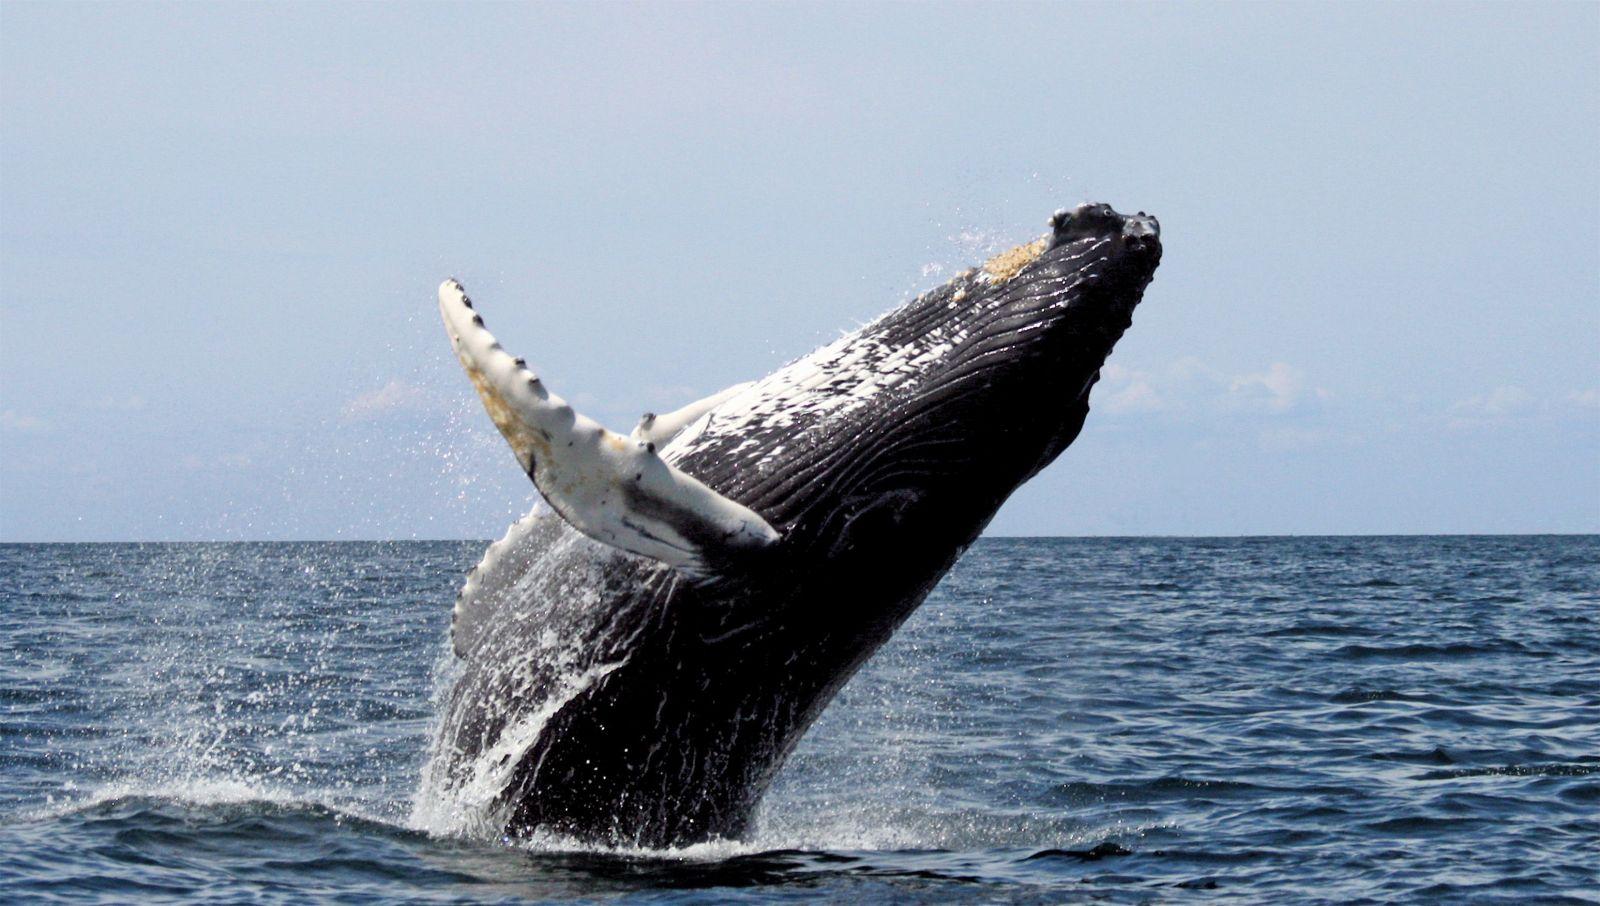 Japonsko začína opätovne loviť veľryby na komerčné účely, oficiálne tak naposledy urobilo v roku 198ž